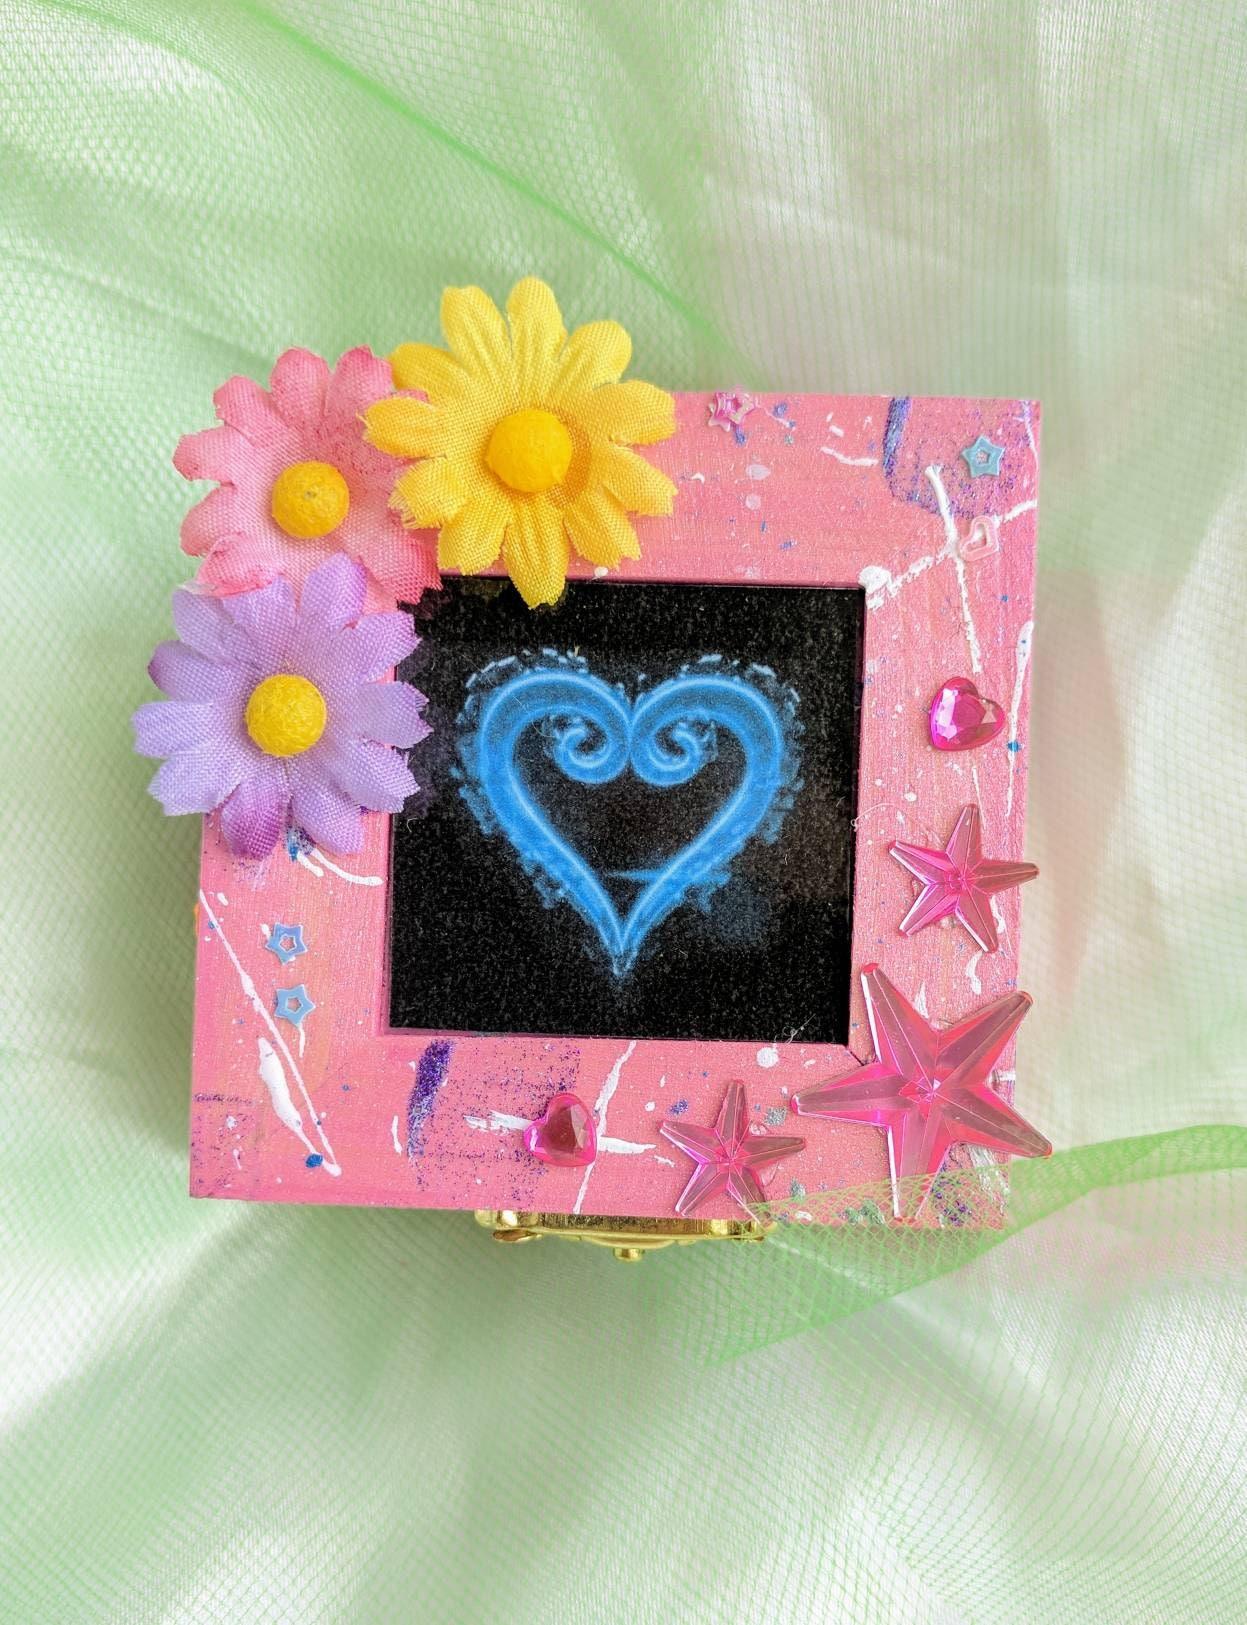 Kingdom Hearts Kairi and Sora inspired engagement ring box